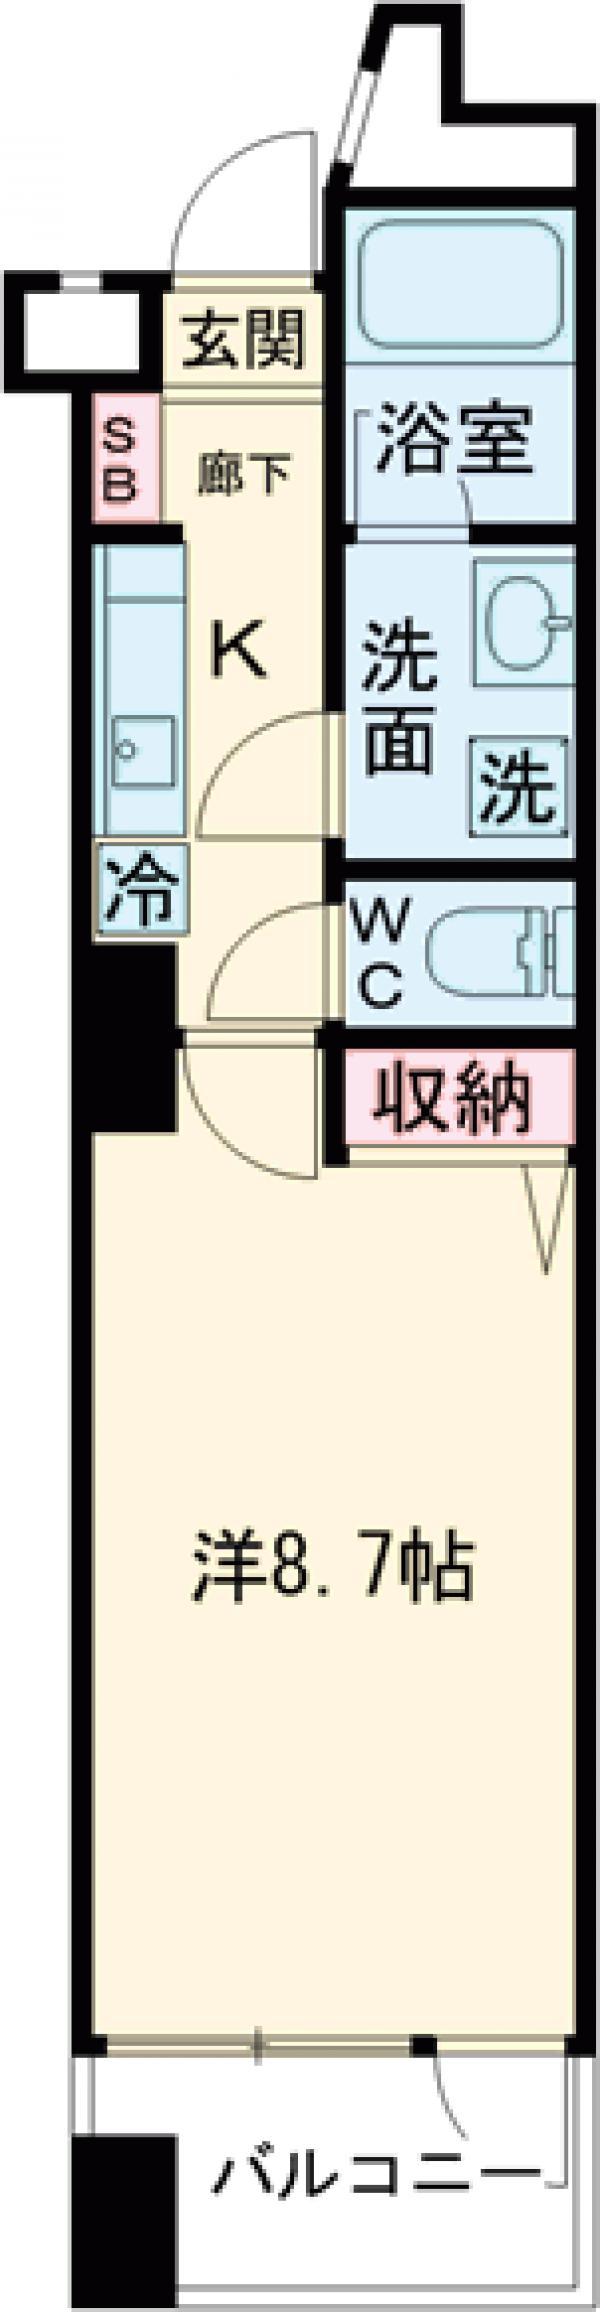 ラ・トルチュ武蔵野・402号室の間取り